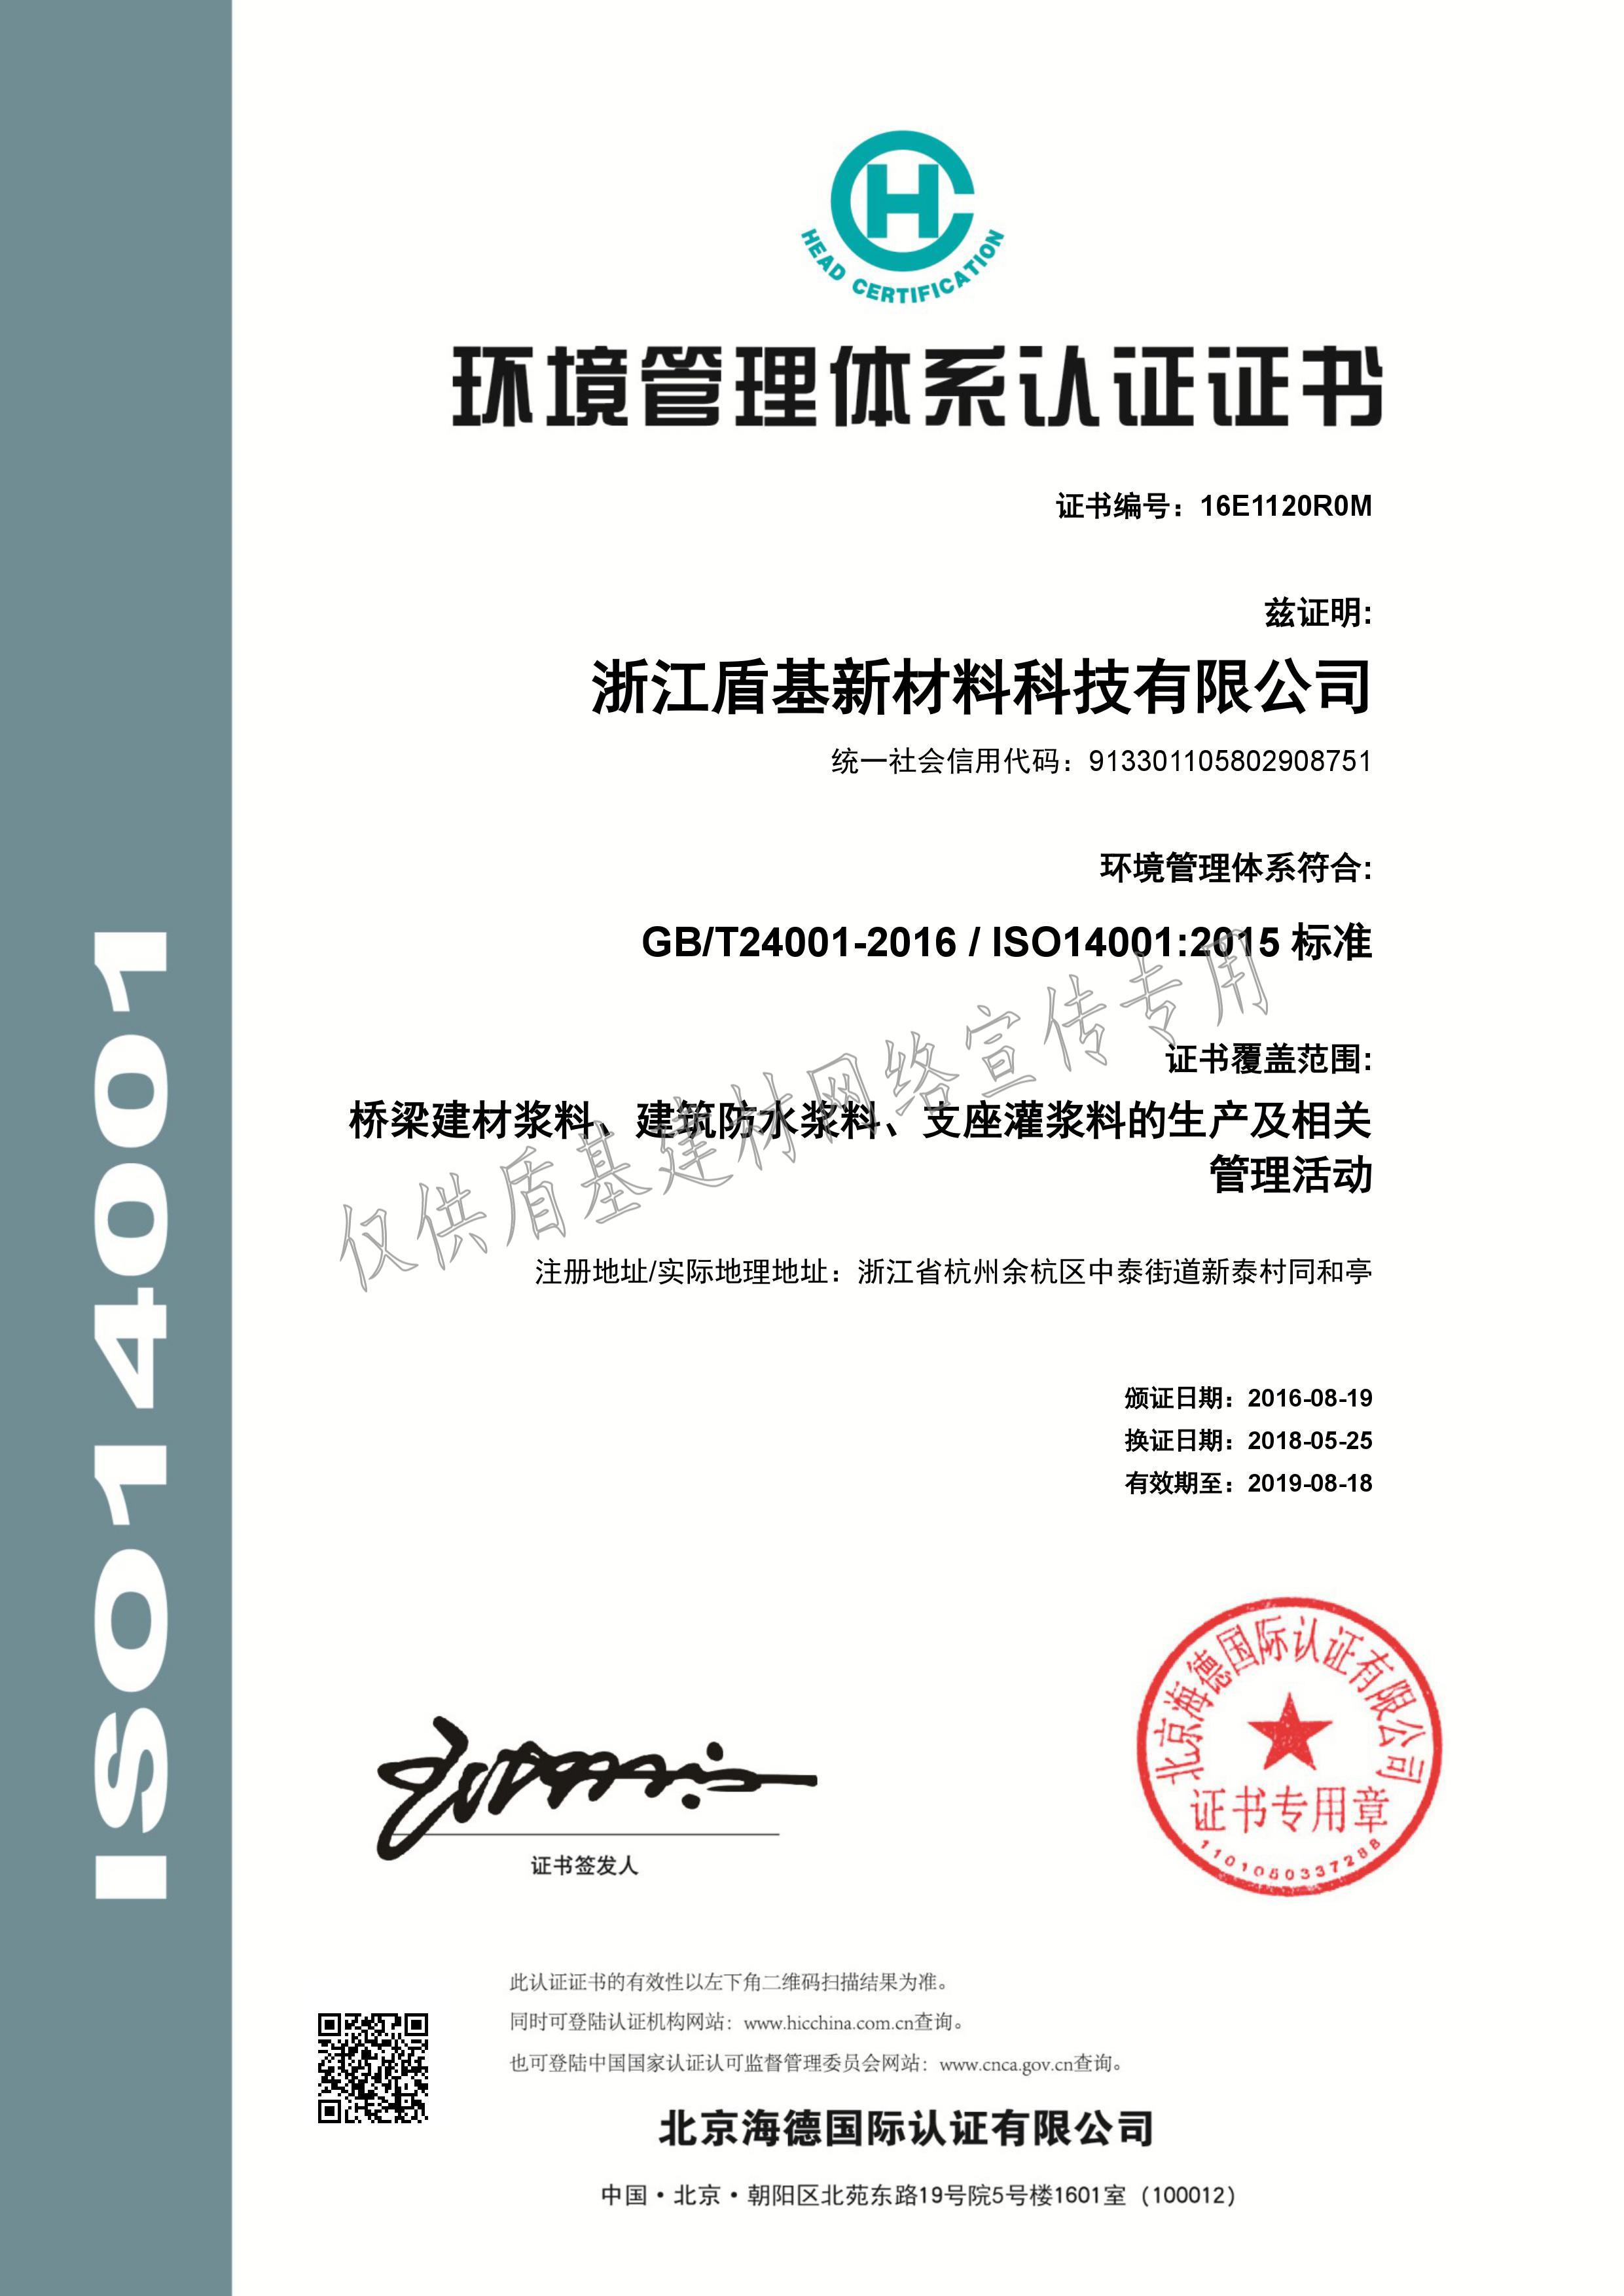 盾基新材料ISO环境管理体系认证证书